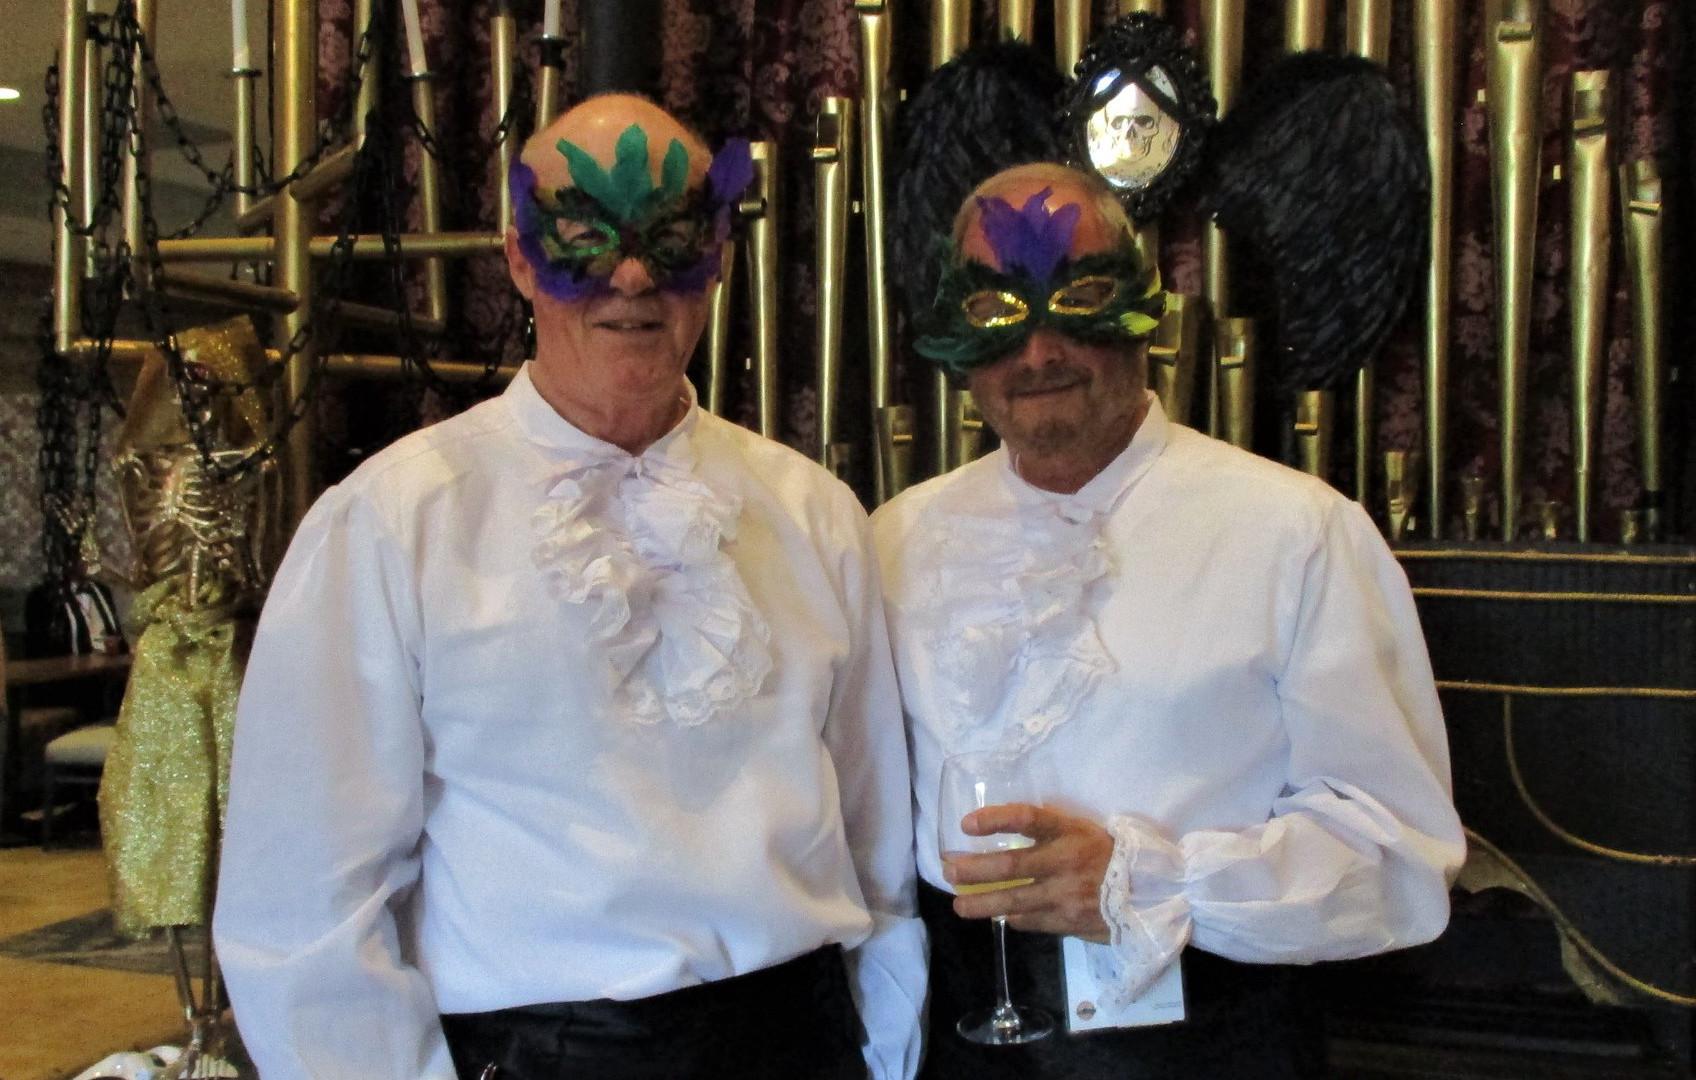 Masquerade Ball - Jay and Michael.jpg